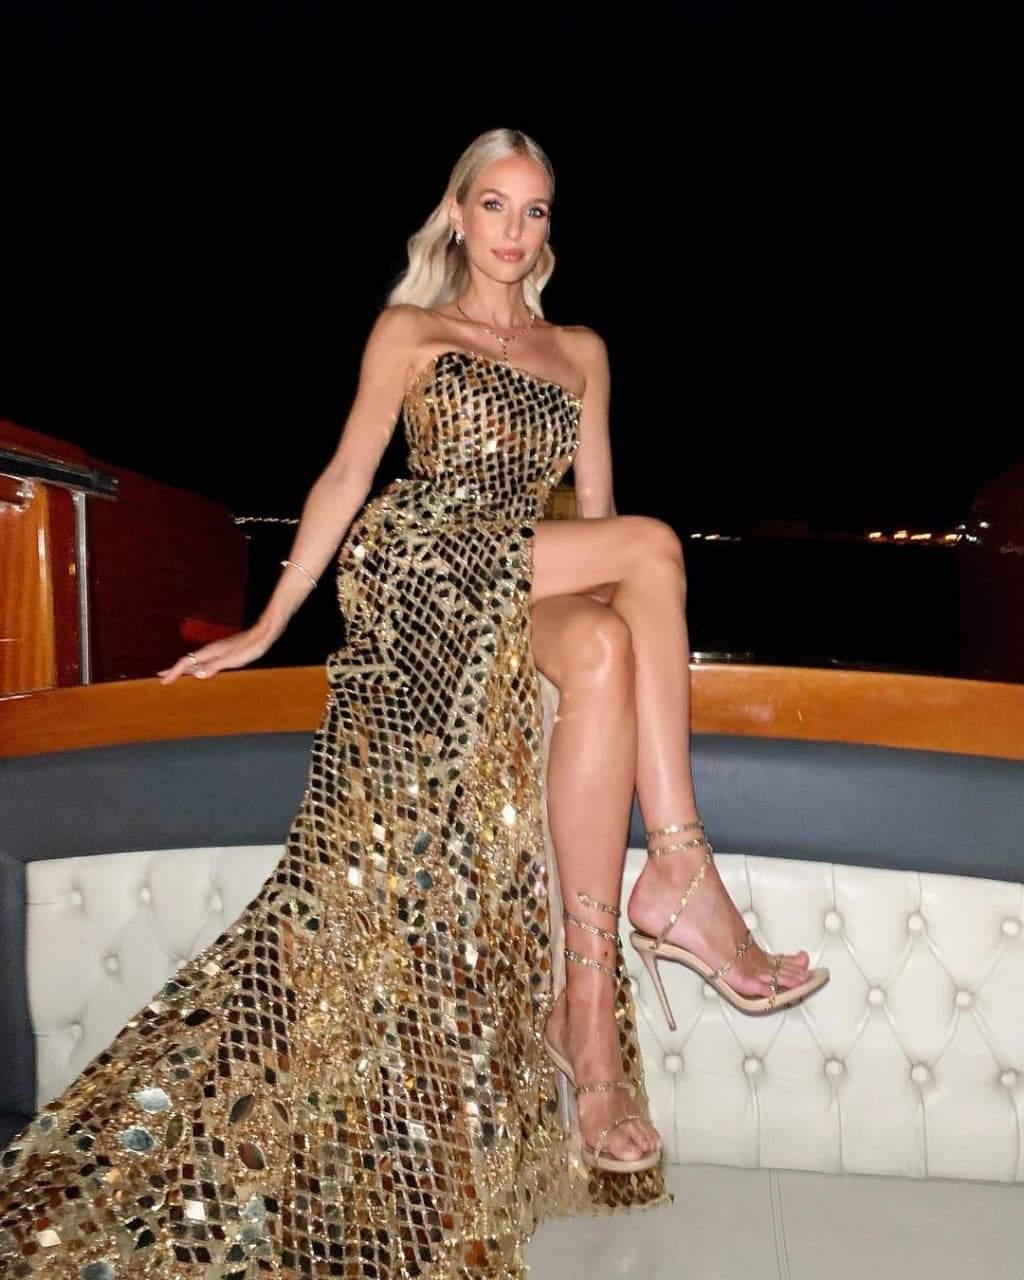 Леоні Ганне у бездоганній сукні на Венеційському фестивалі / Фото з інстаграму